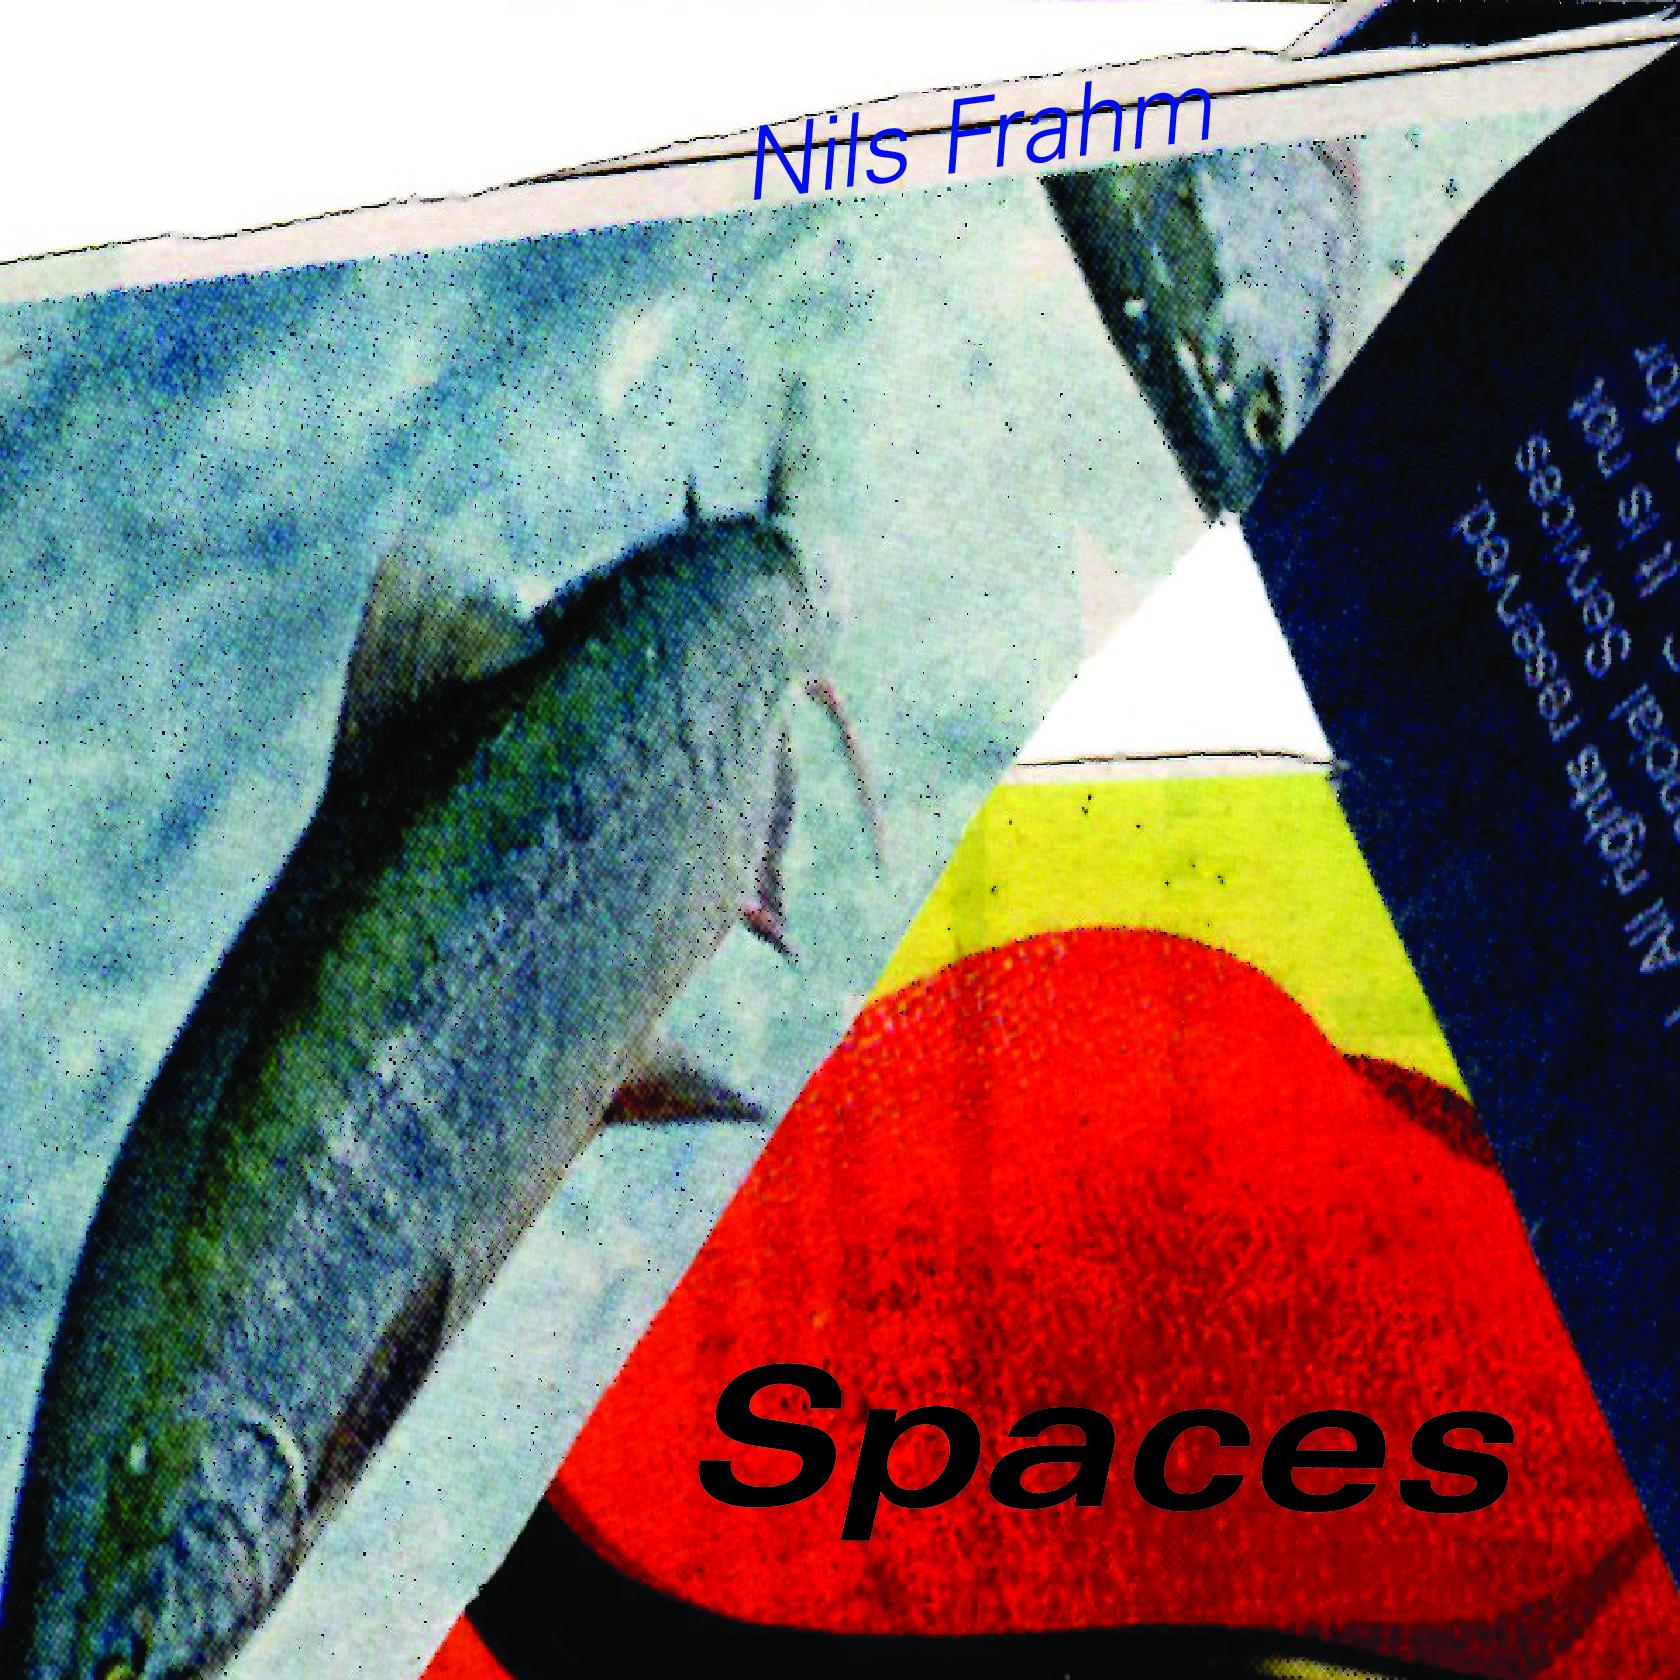 ALBUM COVERS Ahmed Refaat-03.jpg